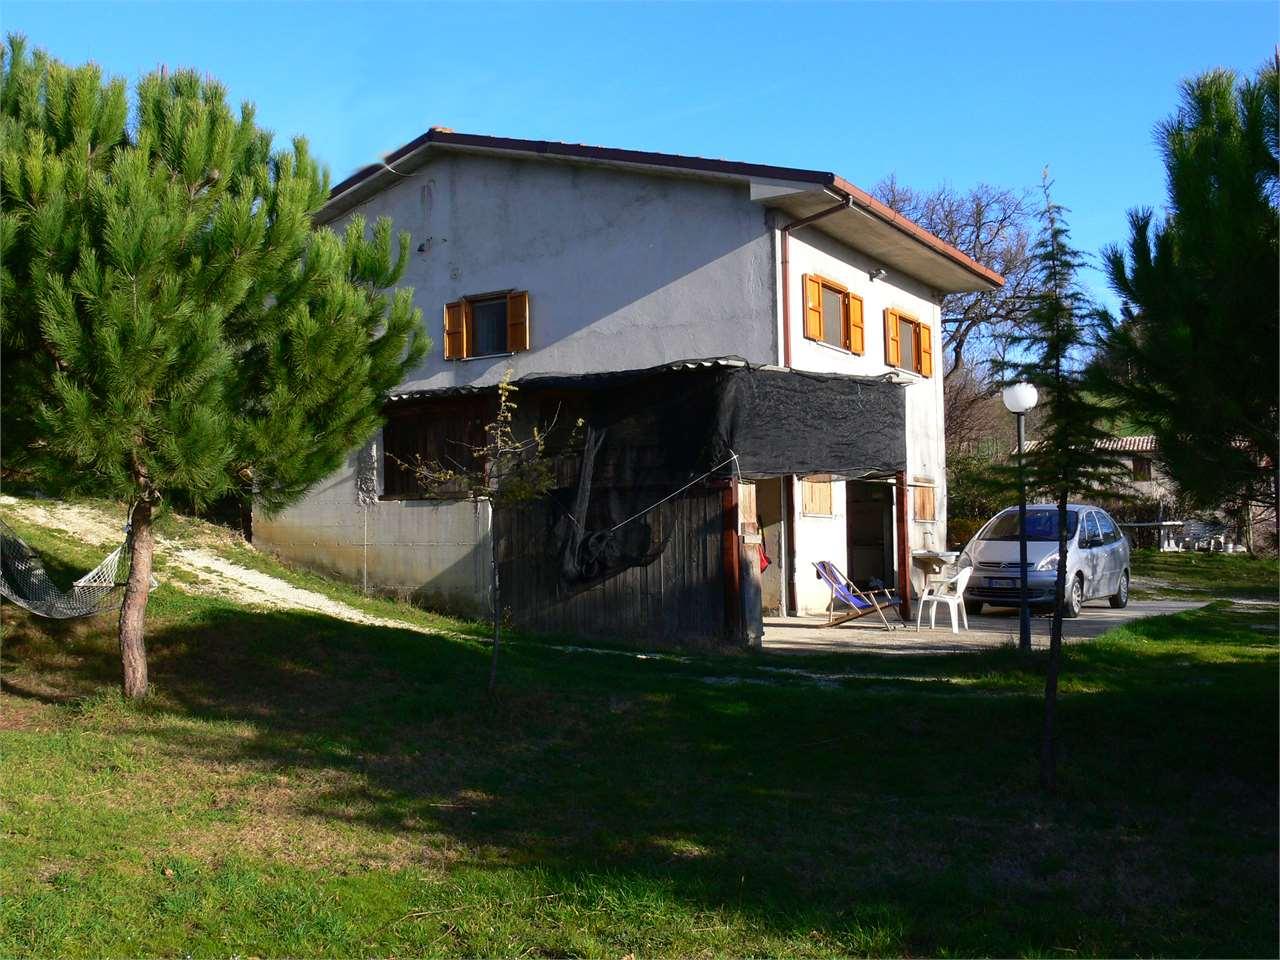 Magazzino in vendita a Ancona, 9999 locali, zona Zona: Montesicuro, prezzo € 150.000 | CambioCasa.it